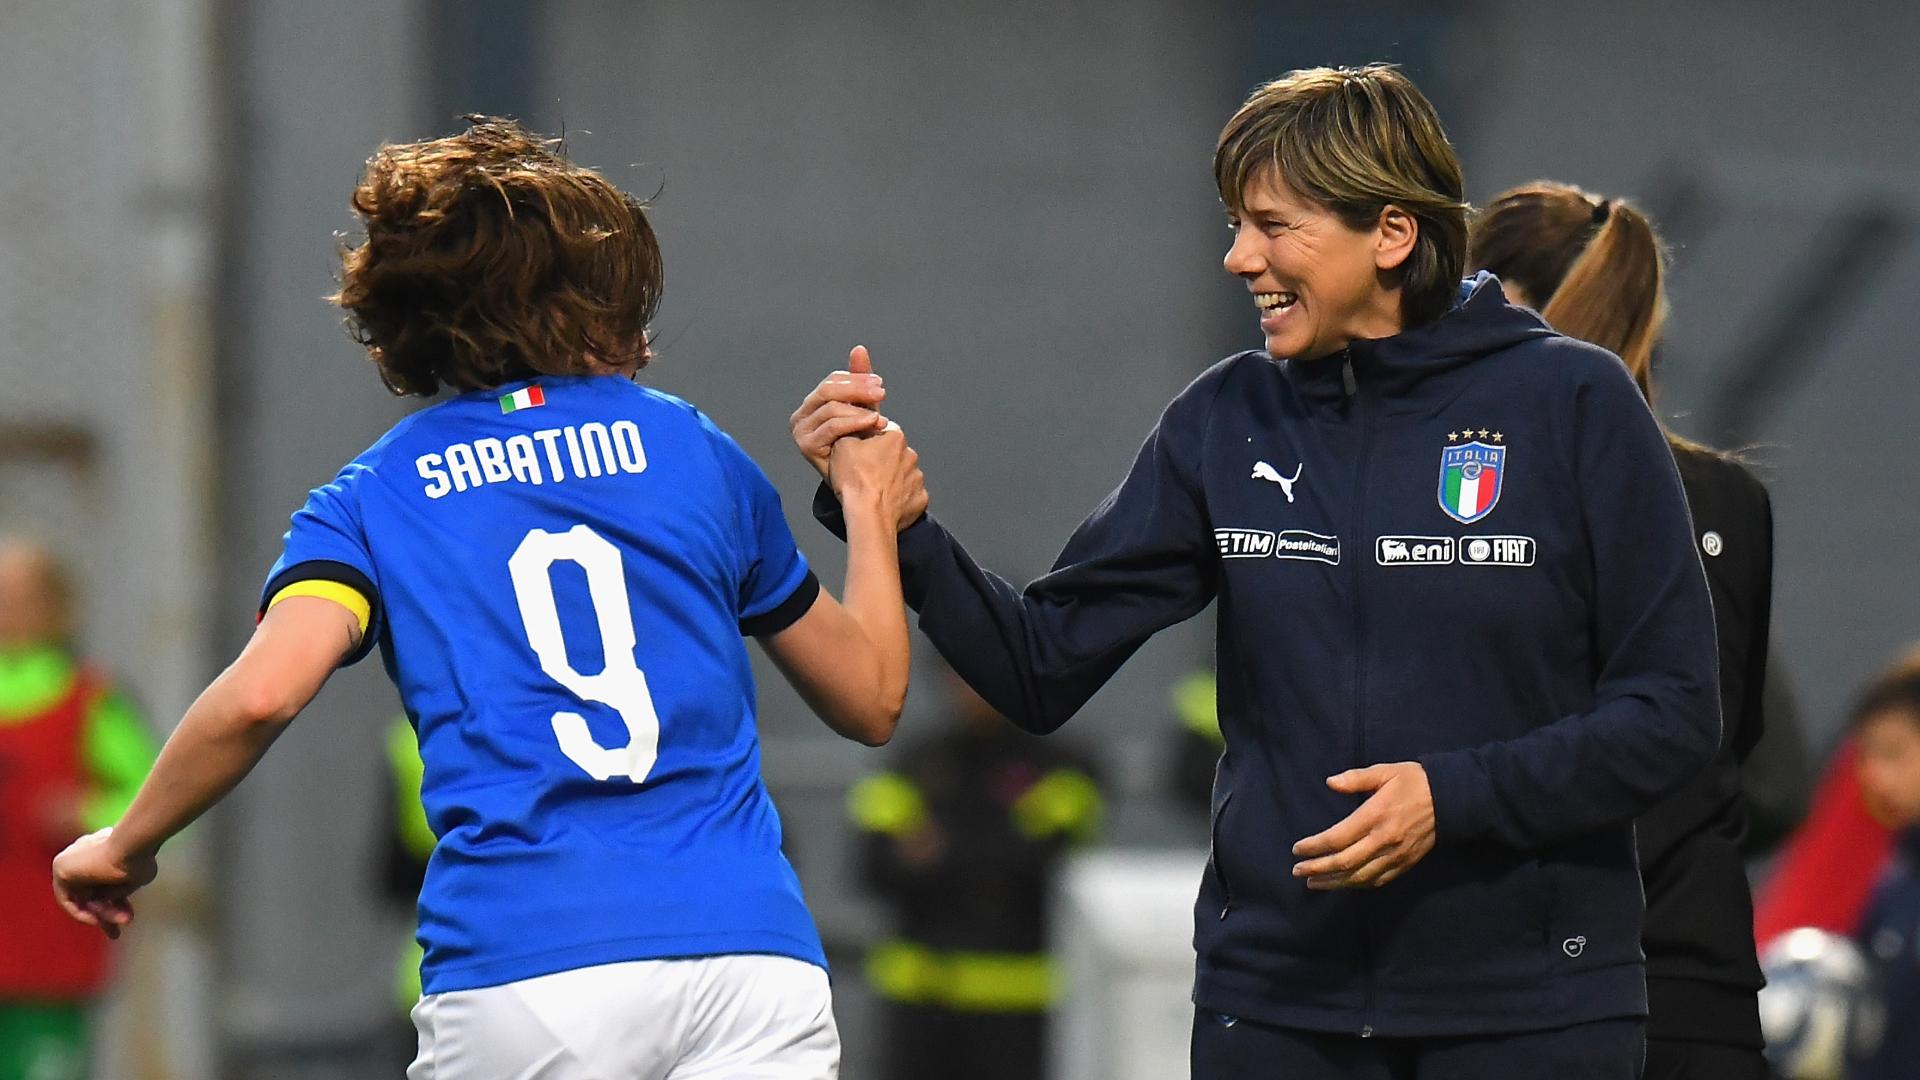 Italy women's team